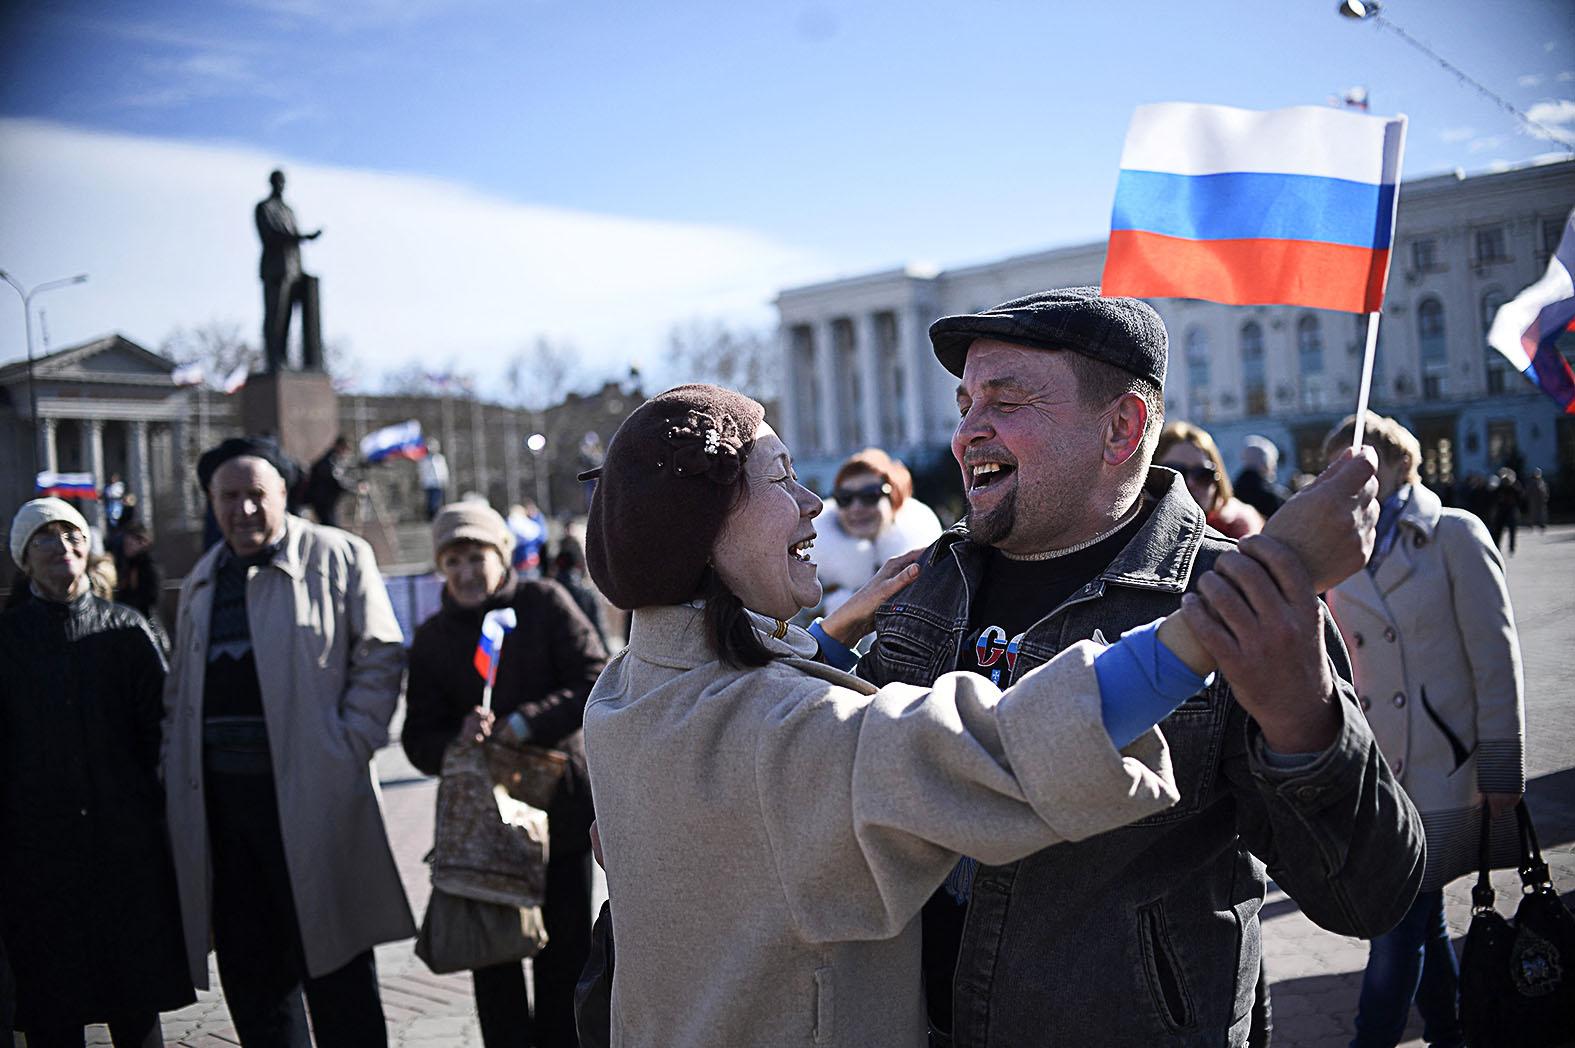 Orosz zászlóval a kezében táncol egy pár a Krím Oroszországhoz csatolásának napját ünnepelve Szimferopolban 2014. március 17-én #moszkvater